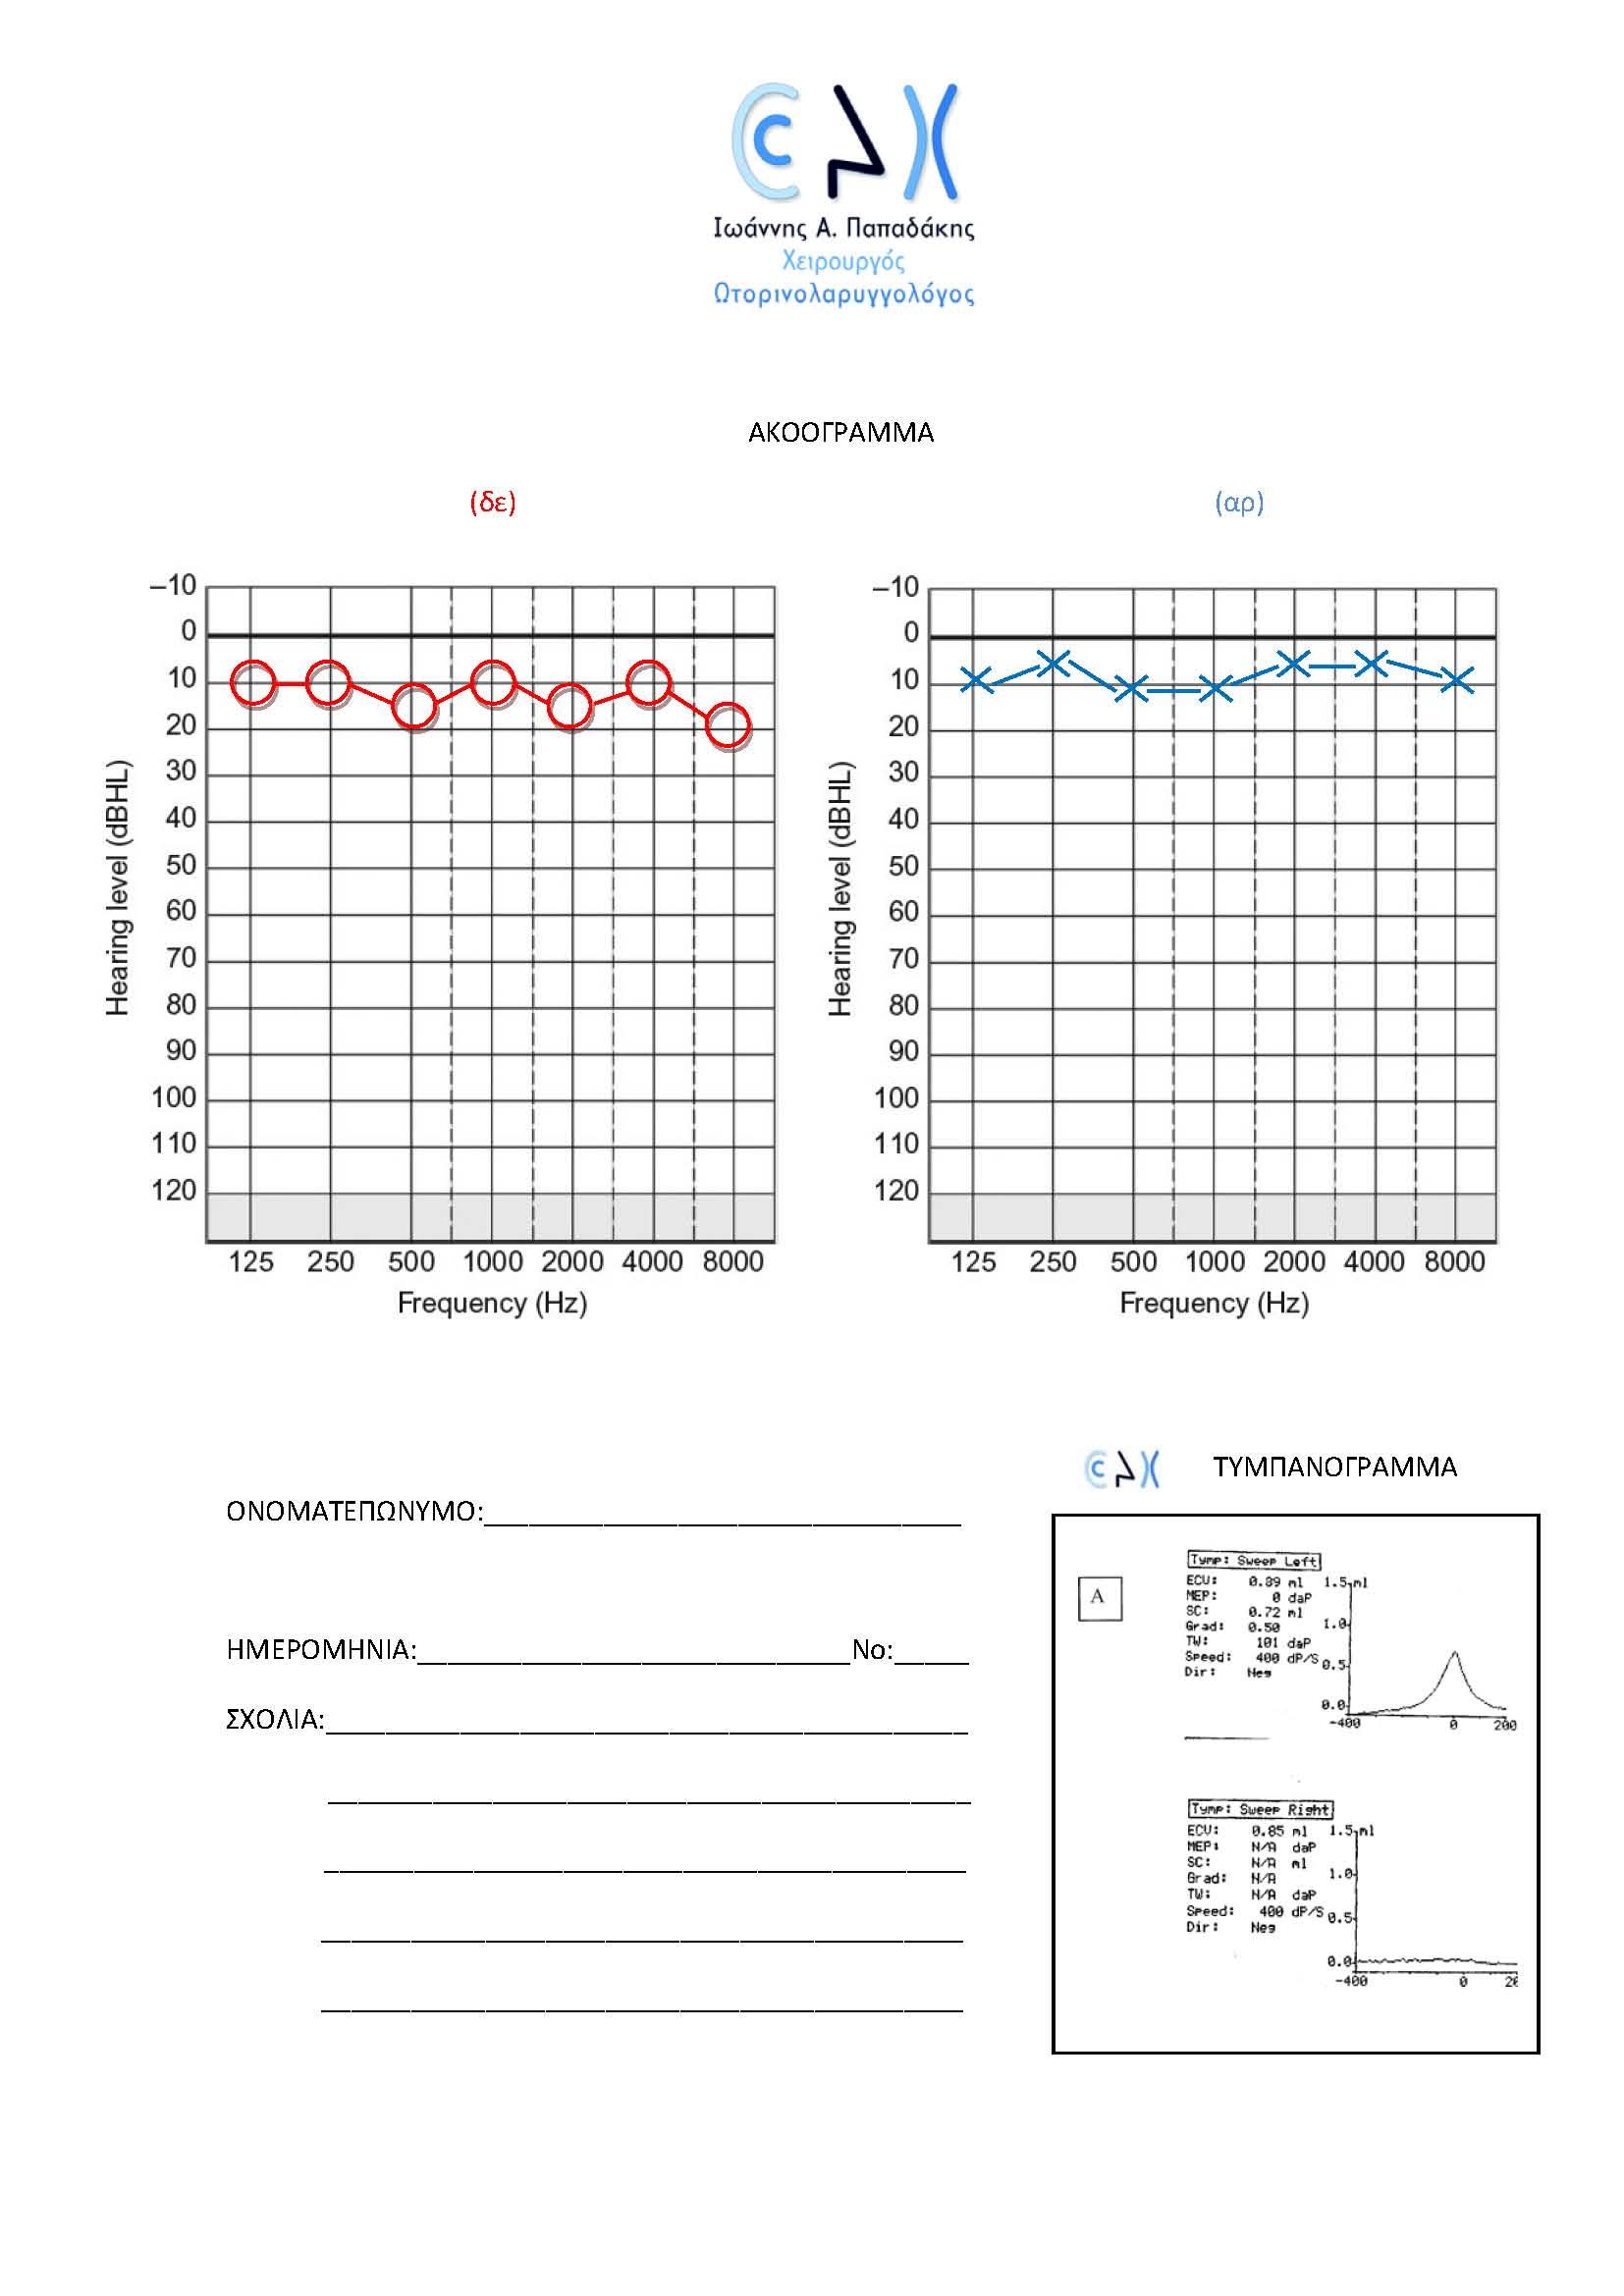 Ακοογραμμα+τυμπανόγραμμα site